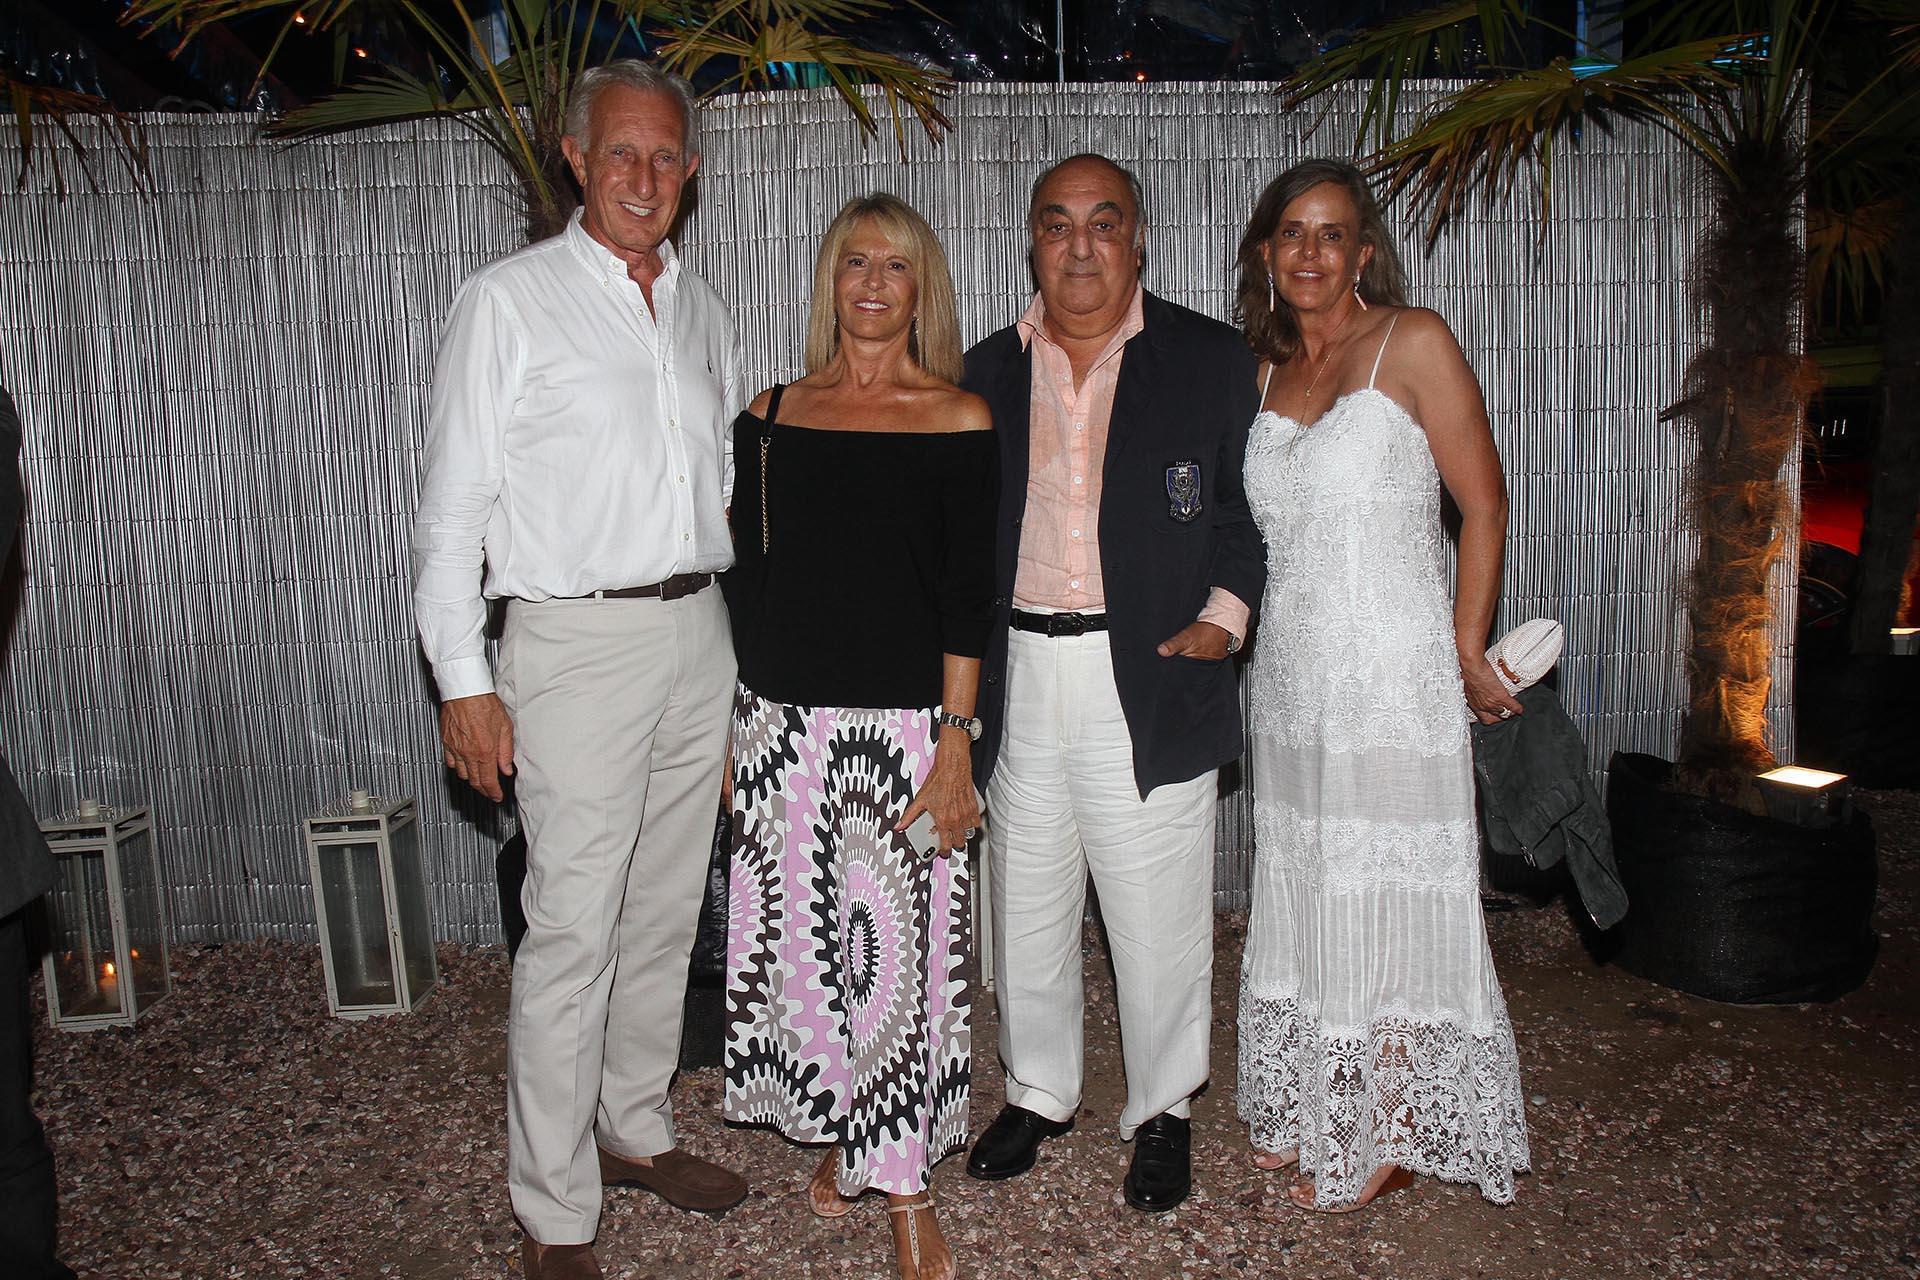 Jorge Neuss y Jorge Aufiero junto a sus mujeres, Silvia Saravia de Neuss y Mónica Balestrini de Aufiero